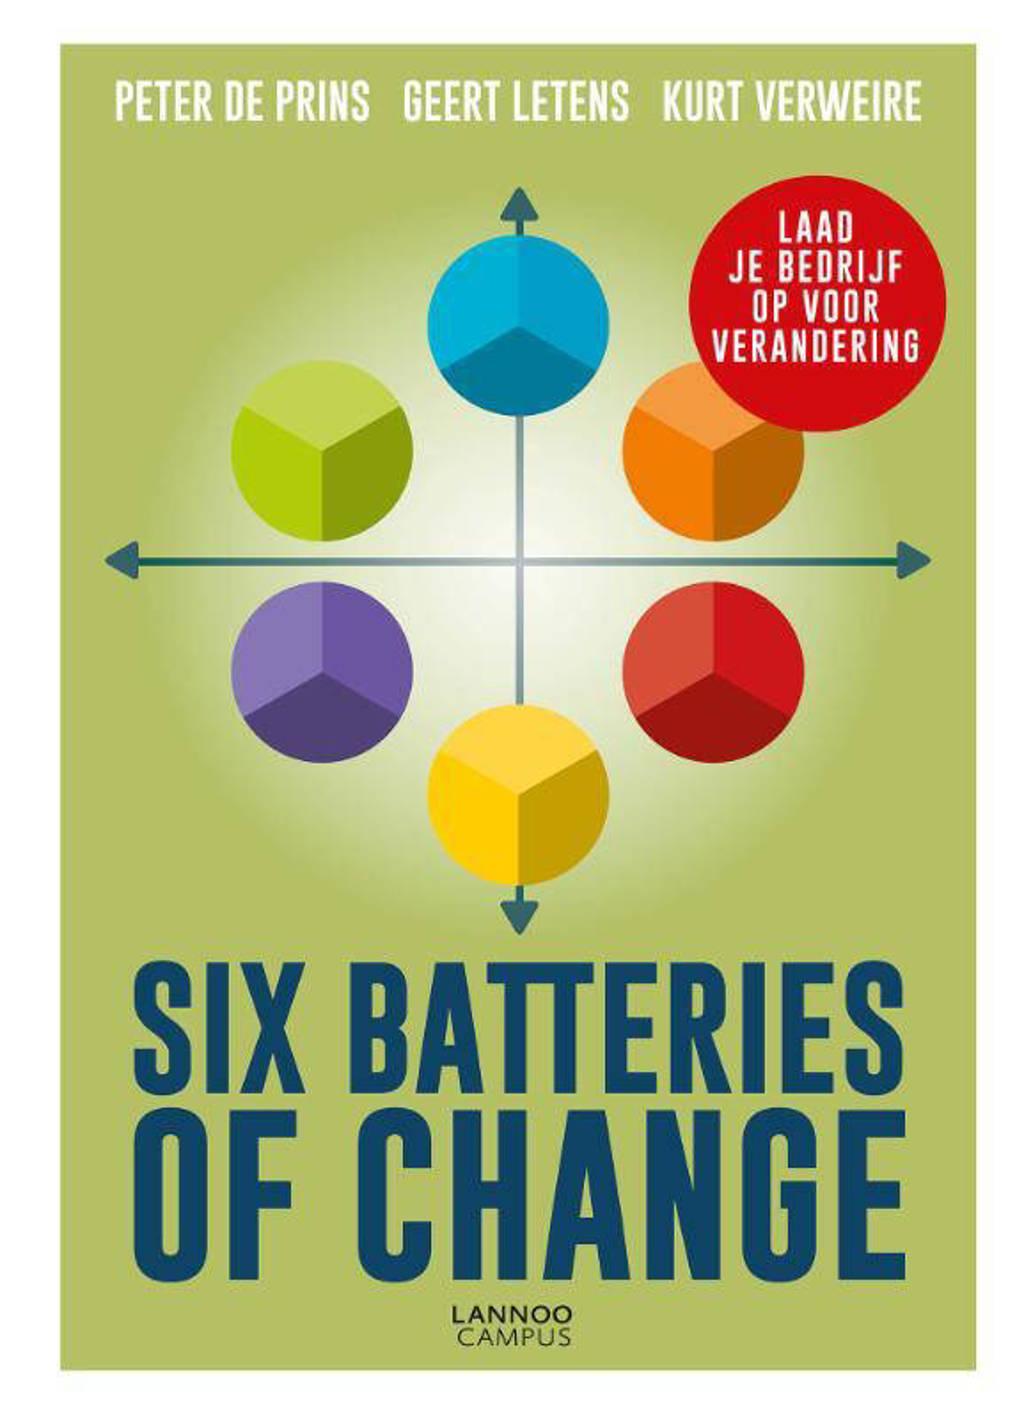 Six Batteries of Change - Peter De Prins, Geert Letens en Kurt Verweire